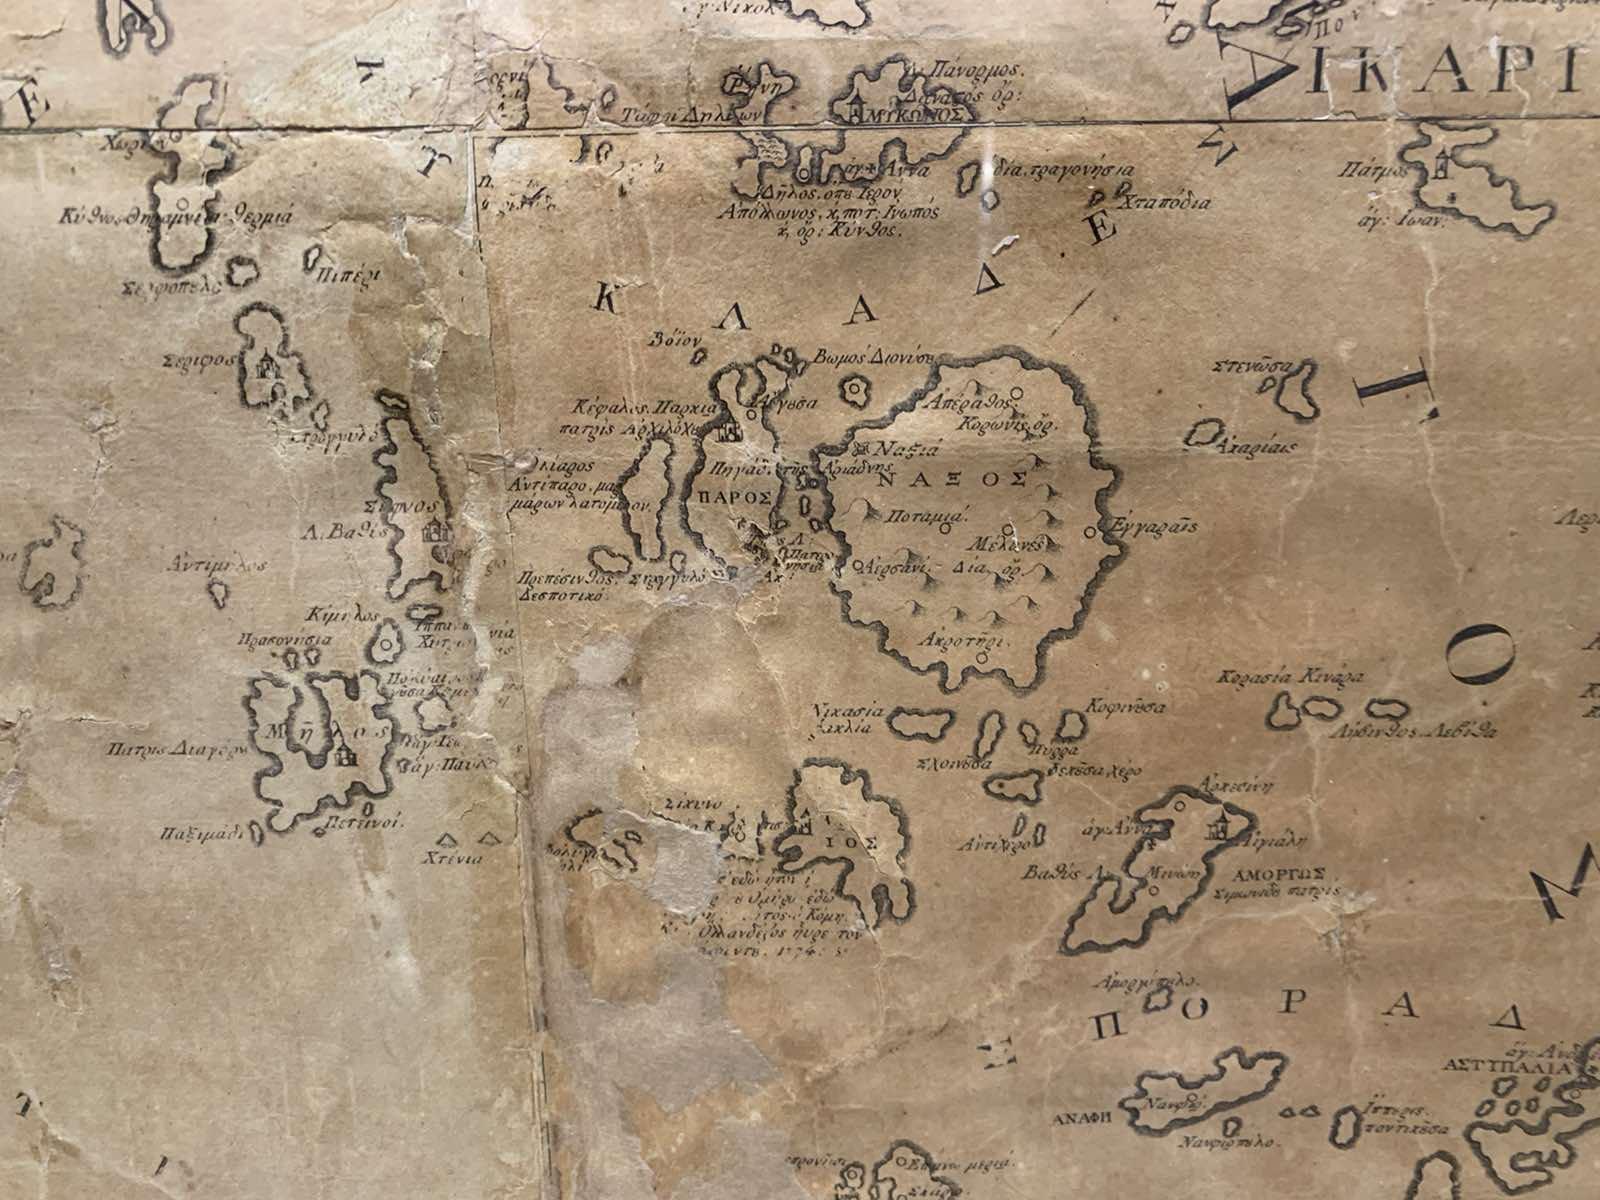 Έκθεση της Εφορείας Αρχαιοτήτων Κυκλάδων «Το αρχιπέλαγος φλέγεται»